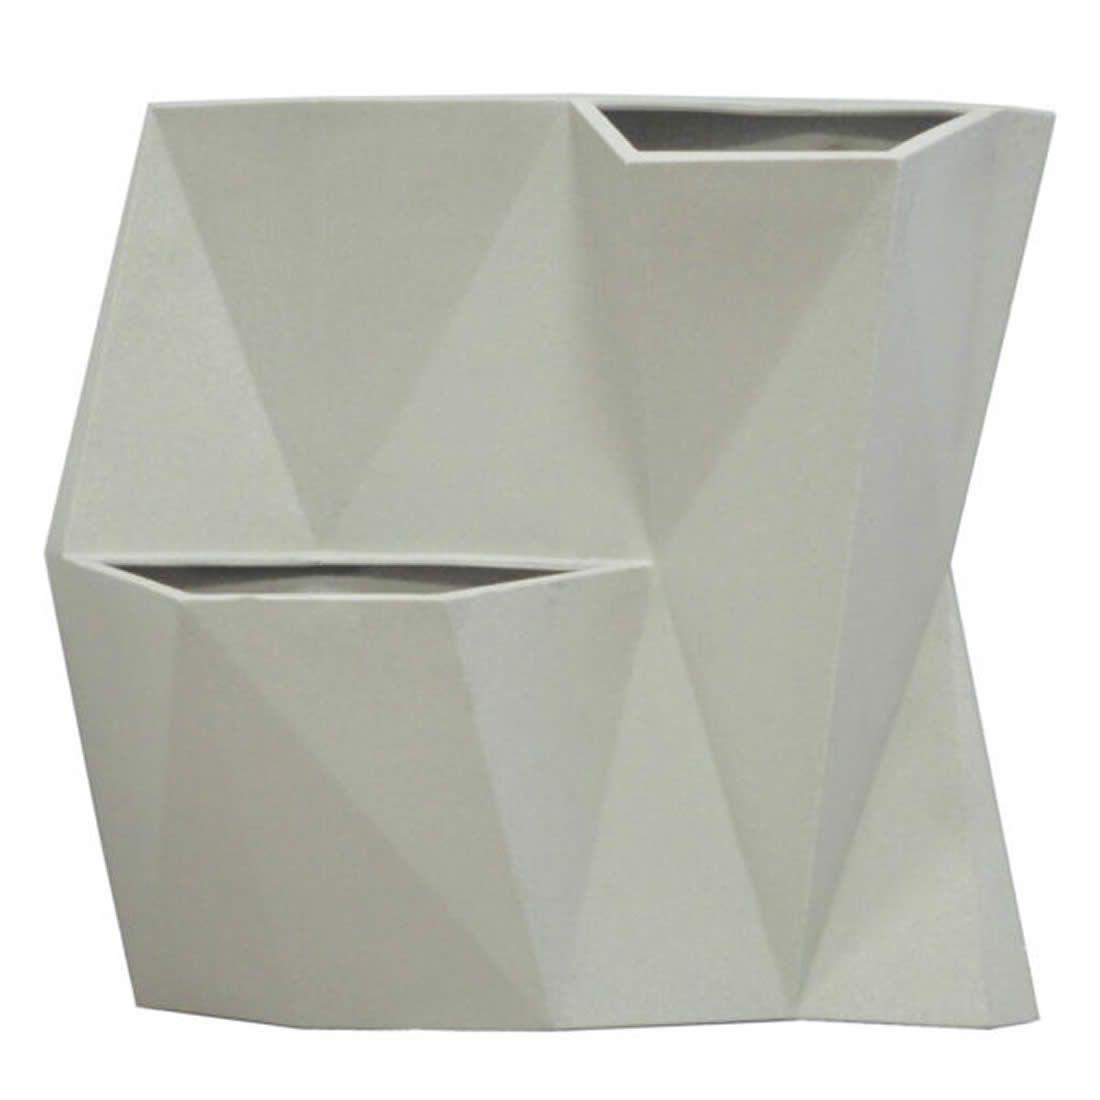 Vaso Para Planta Parede Angolo 50 Cimento - Japi